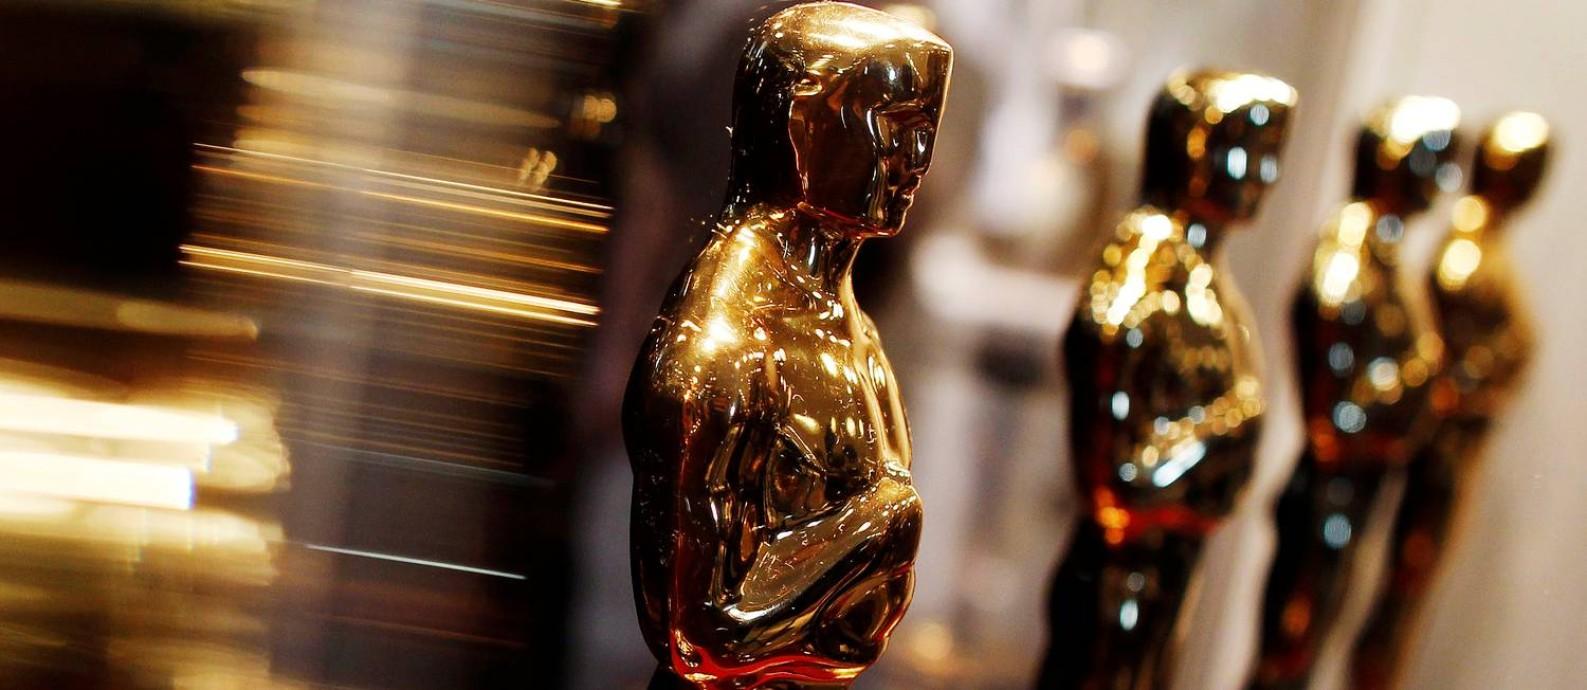 Estatuetas do Oscar: Academia fez convidou 819 profissionais do cinema a se filiarem, entre eles cinco brasileiros Foto: Shannon Stapleton / REUTERS